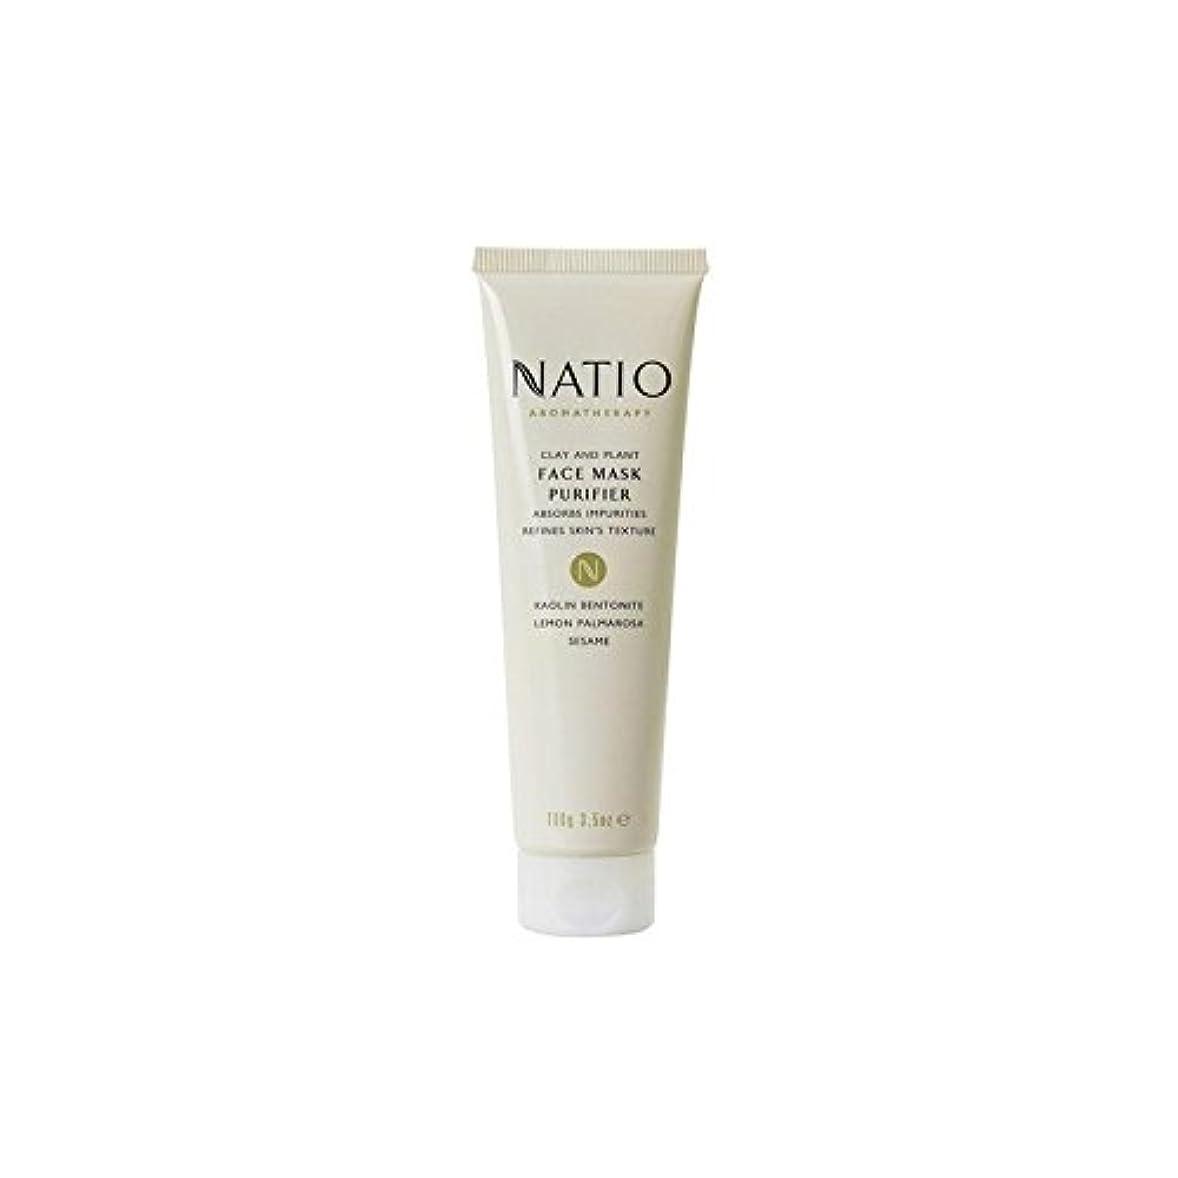 ムス委任する通知する粘土&植物フェイスマスクの浄化(100グラム) x4 - Natio Clay & Plant Face Mask Purifier (100G) (Pack of 4) [並行輸入品]